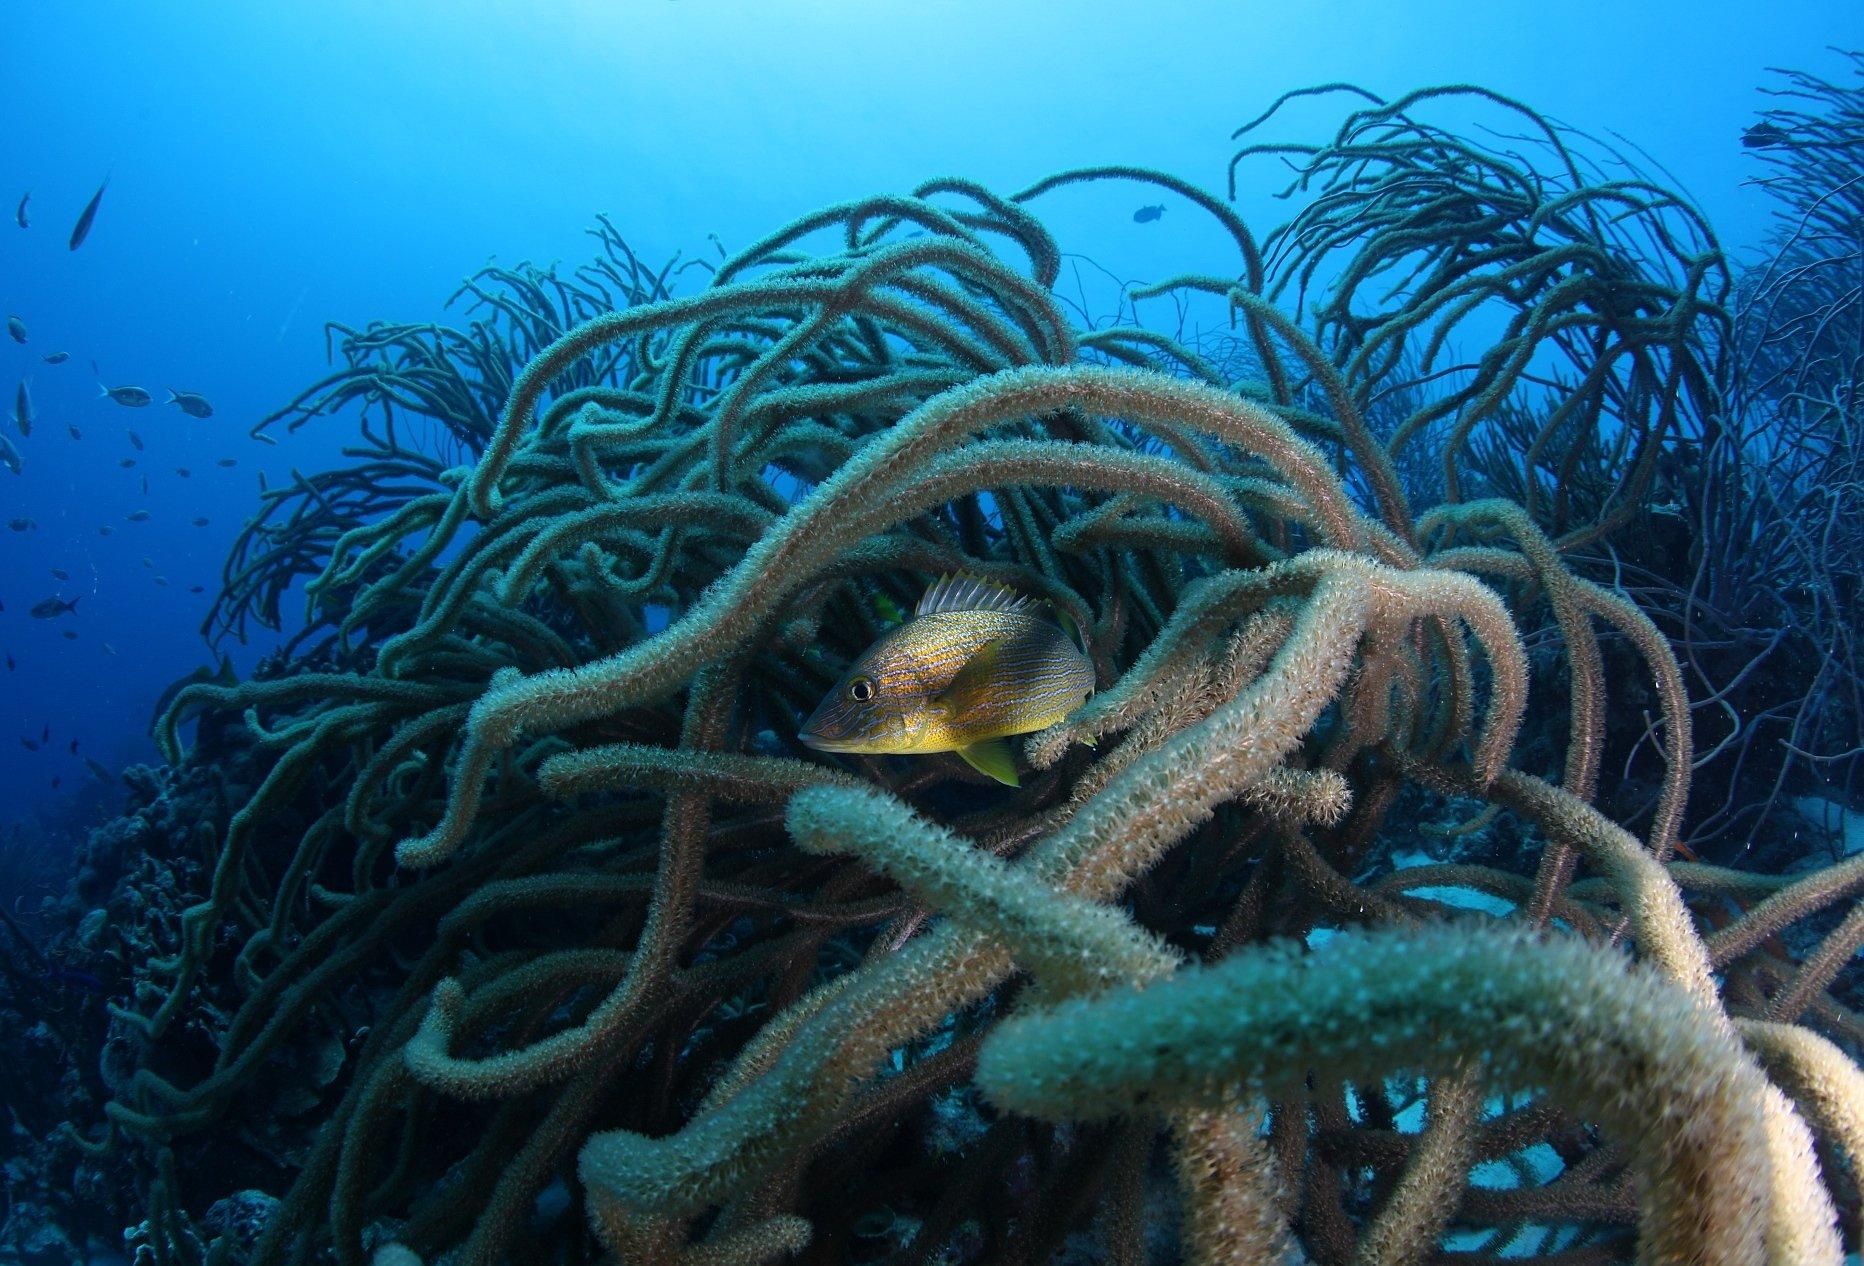 карибы, подводный мир, дайвинг, золото, природа, бонейр, Нарчук Андрей